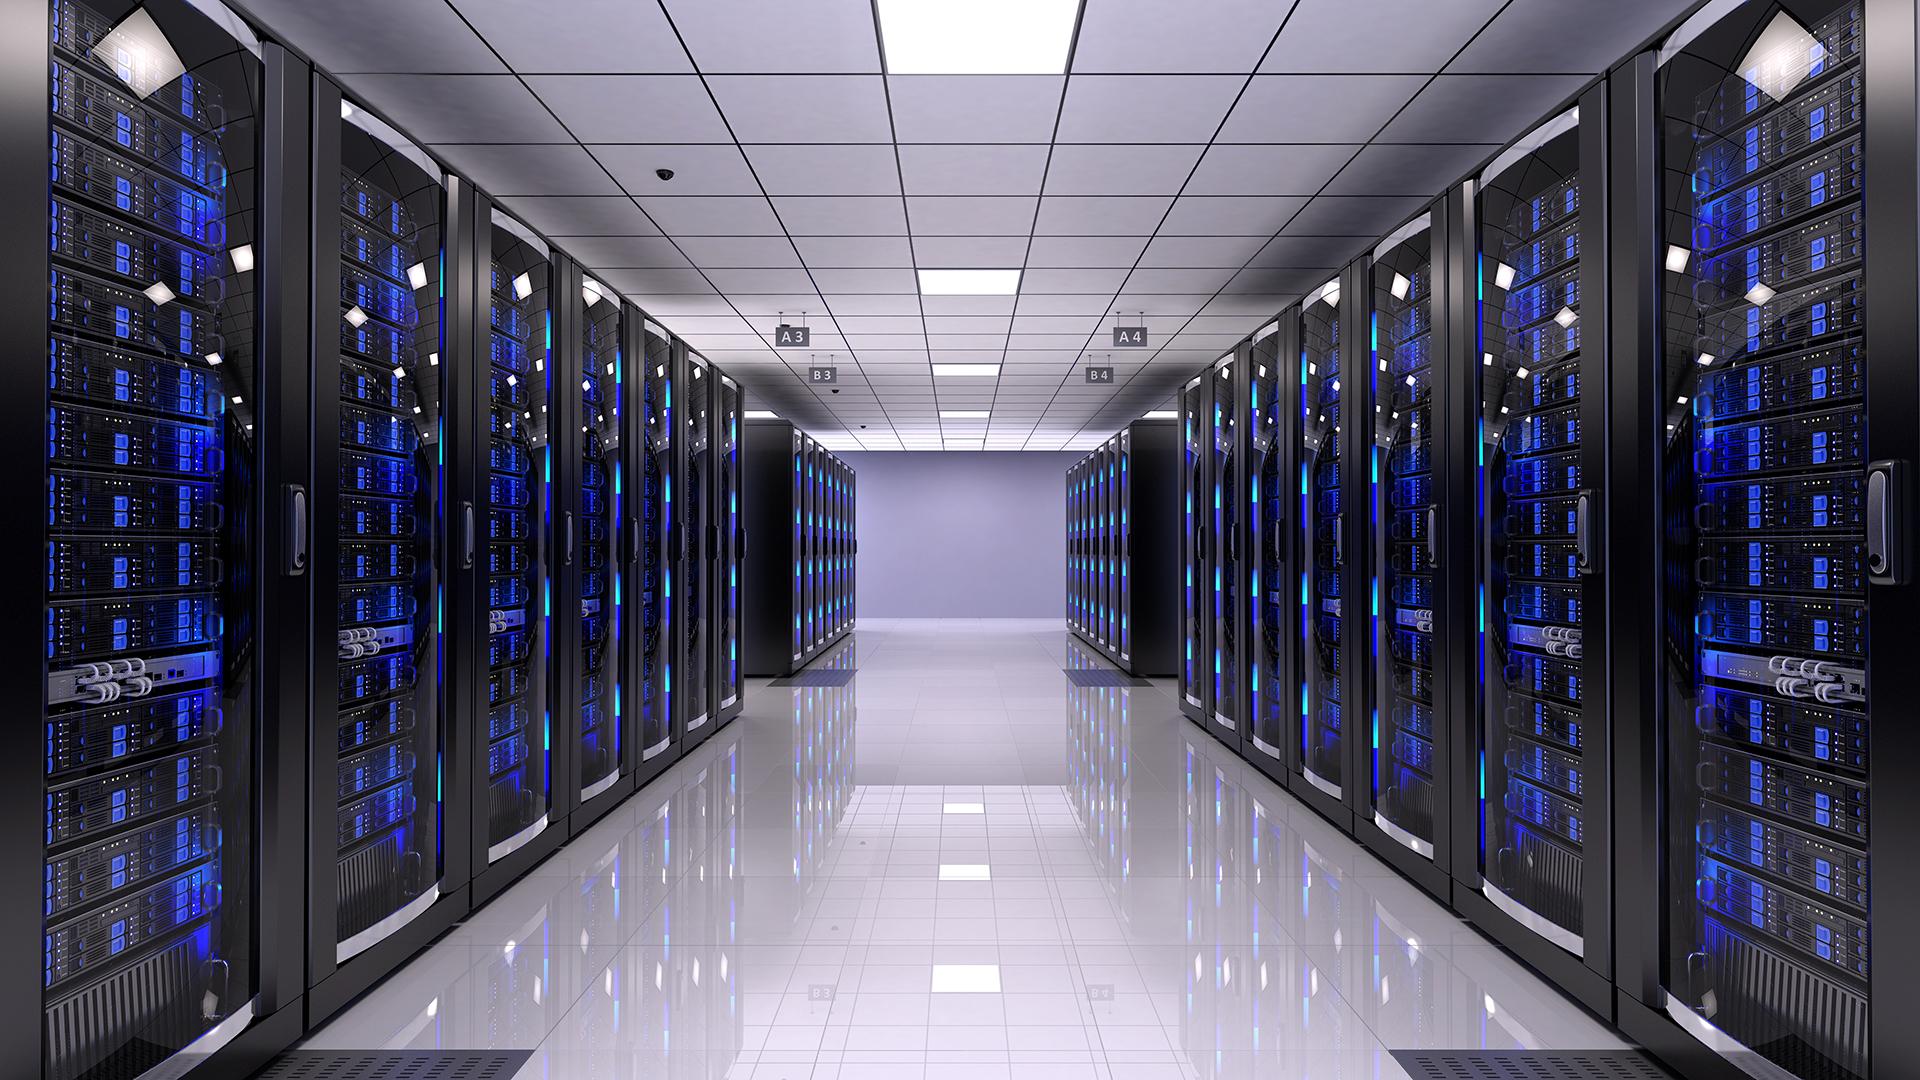 Sala de servidores organizada. Fundo virtual gratuito para Zoom, Microsoft Teams, Skype, Google Meet e WebEx ou qualquer outra aplicação compatível.